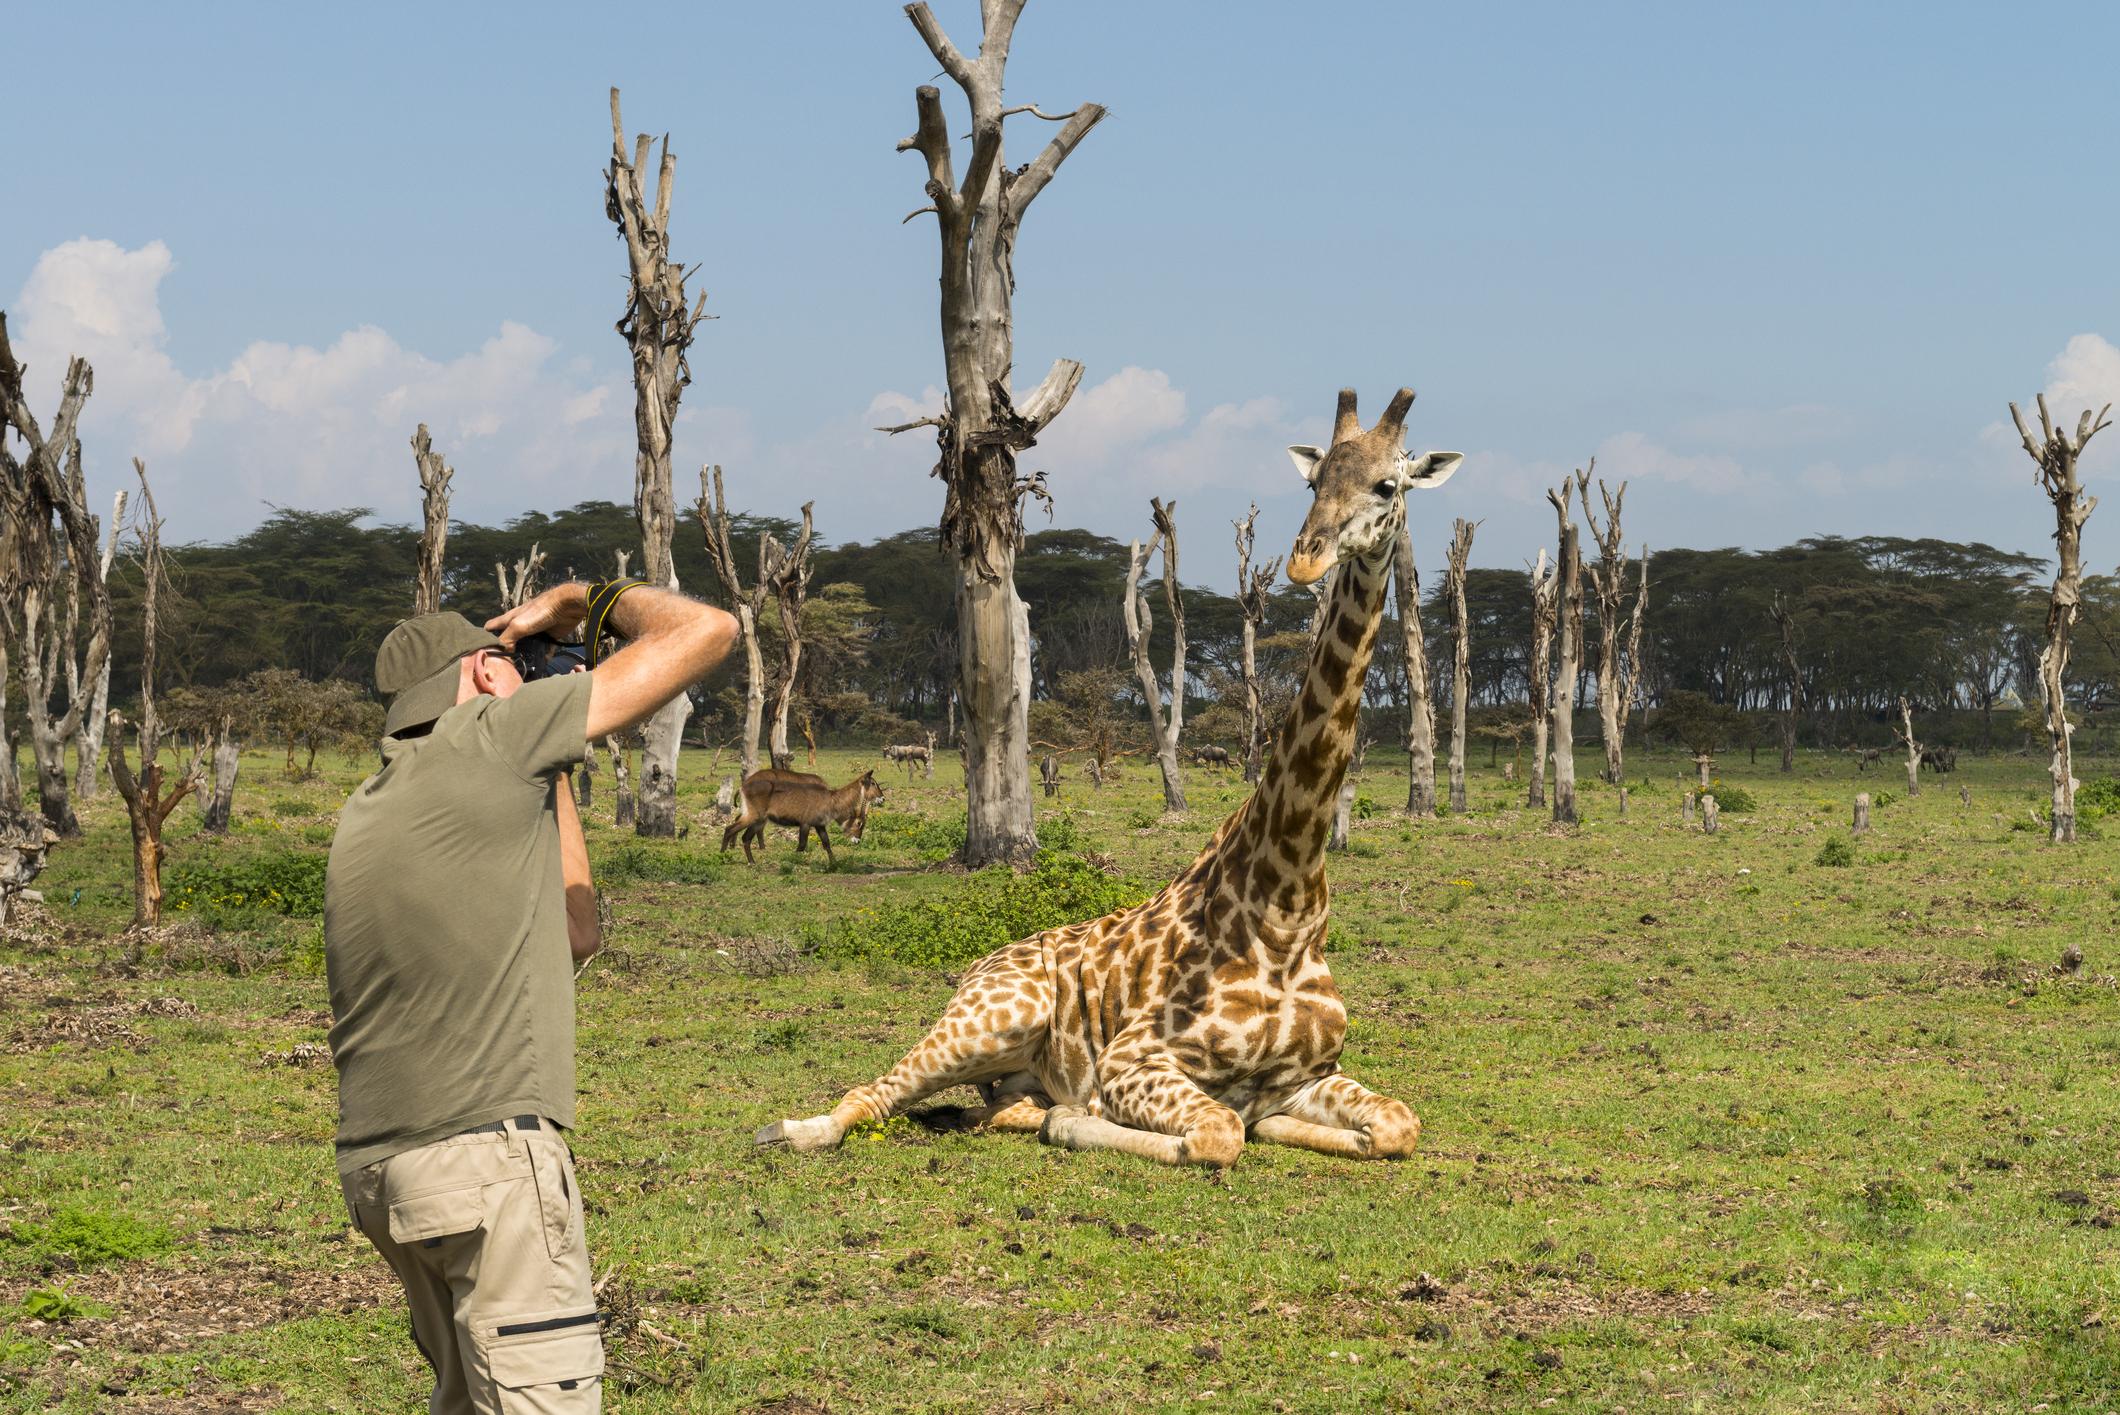 Att fotografera djur